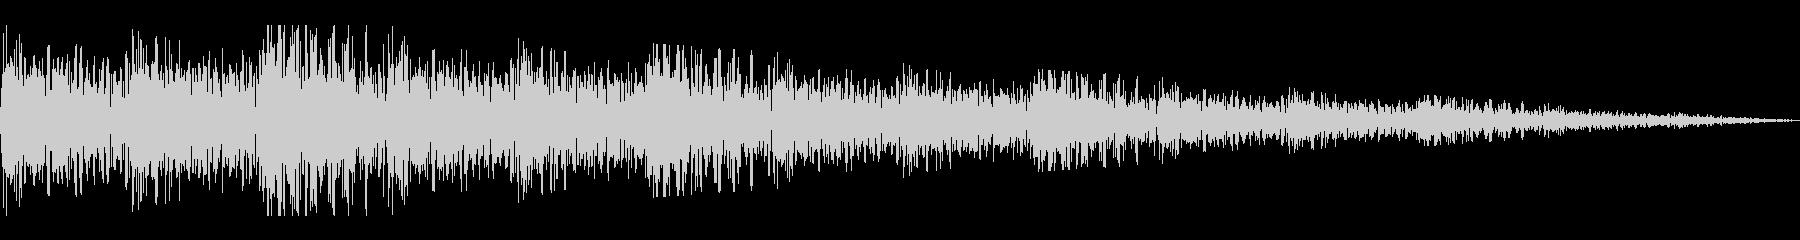 ピロロピロロ(ルーレット スロット)の未再生の波形